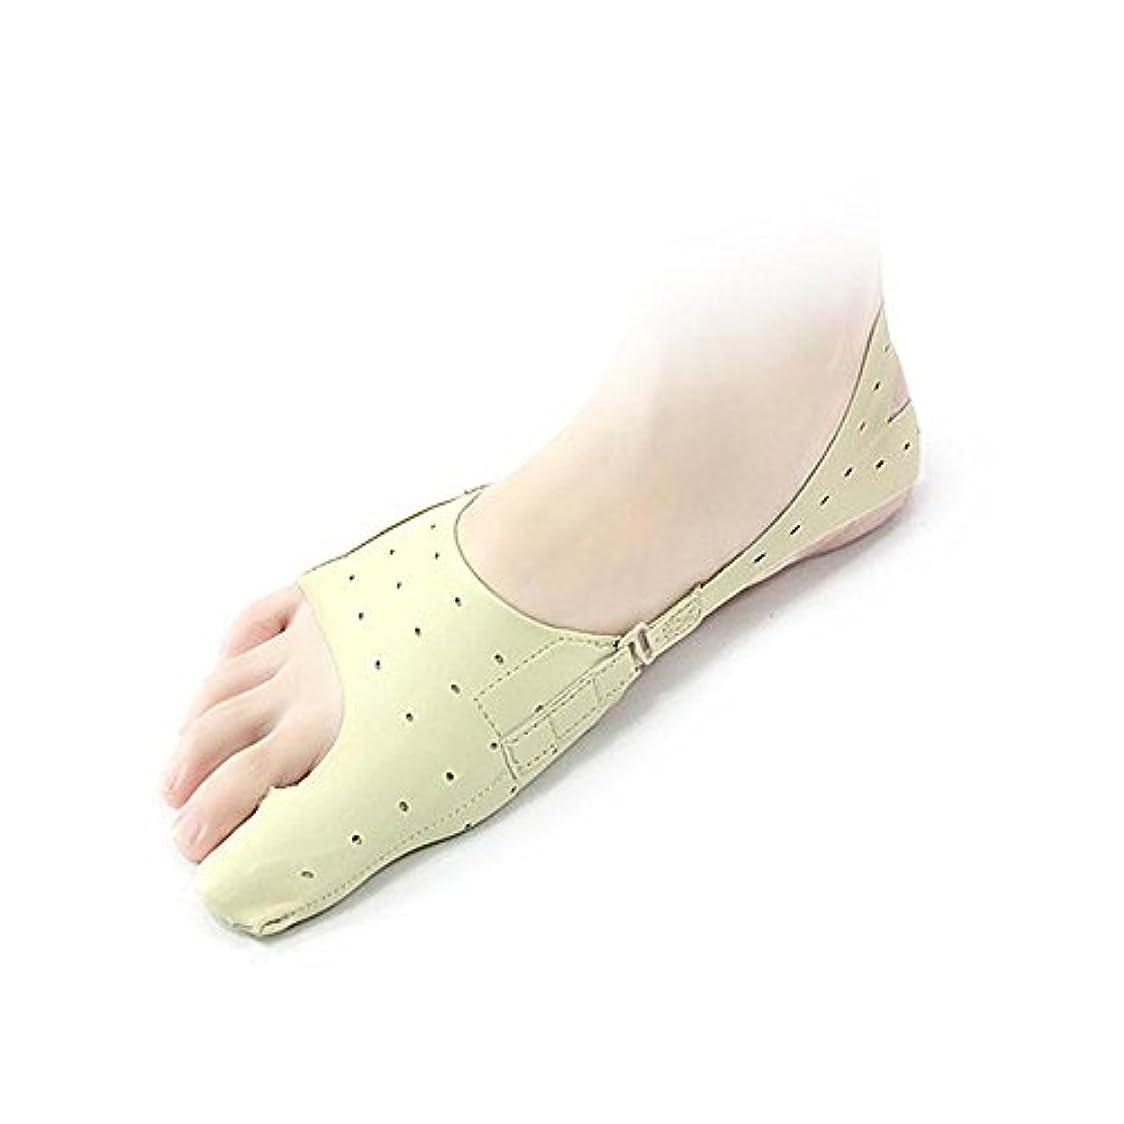 シュートバーゲン損傷1組の腱膜矯正装置、調節可能な足矯正Seperators、仕立て屋腱膜リリーフソックススリーブ、足のつま先プロテクターストレートフットボールのクッションビッグトゥスペーサー - ハンマー重複つま先